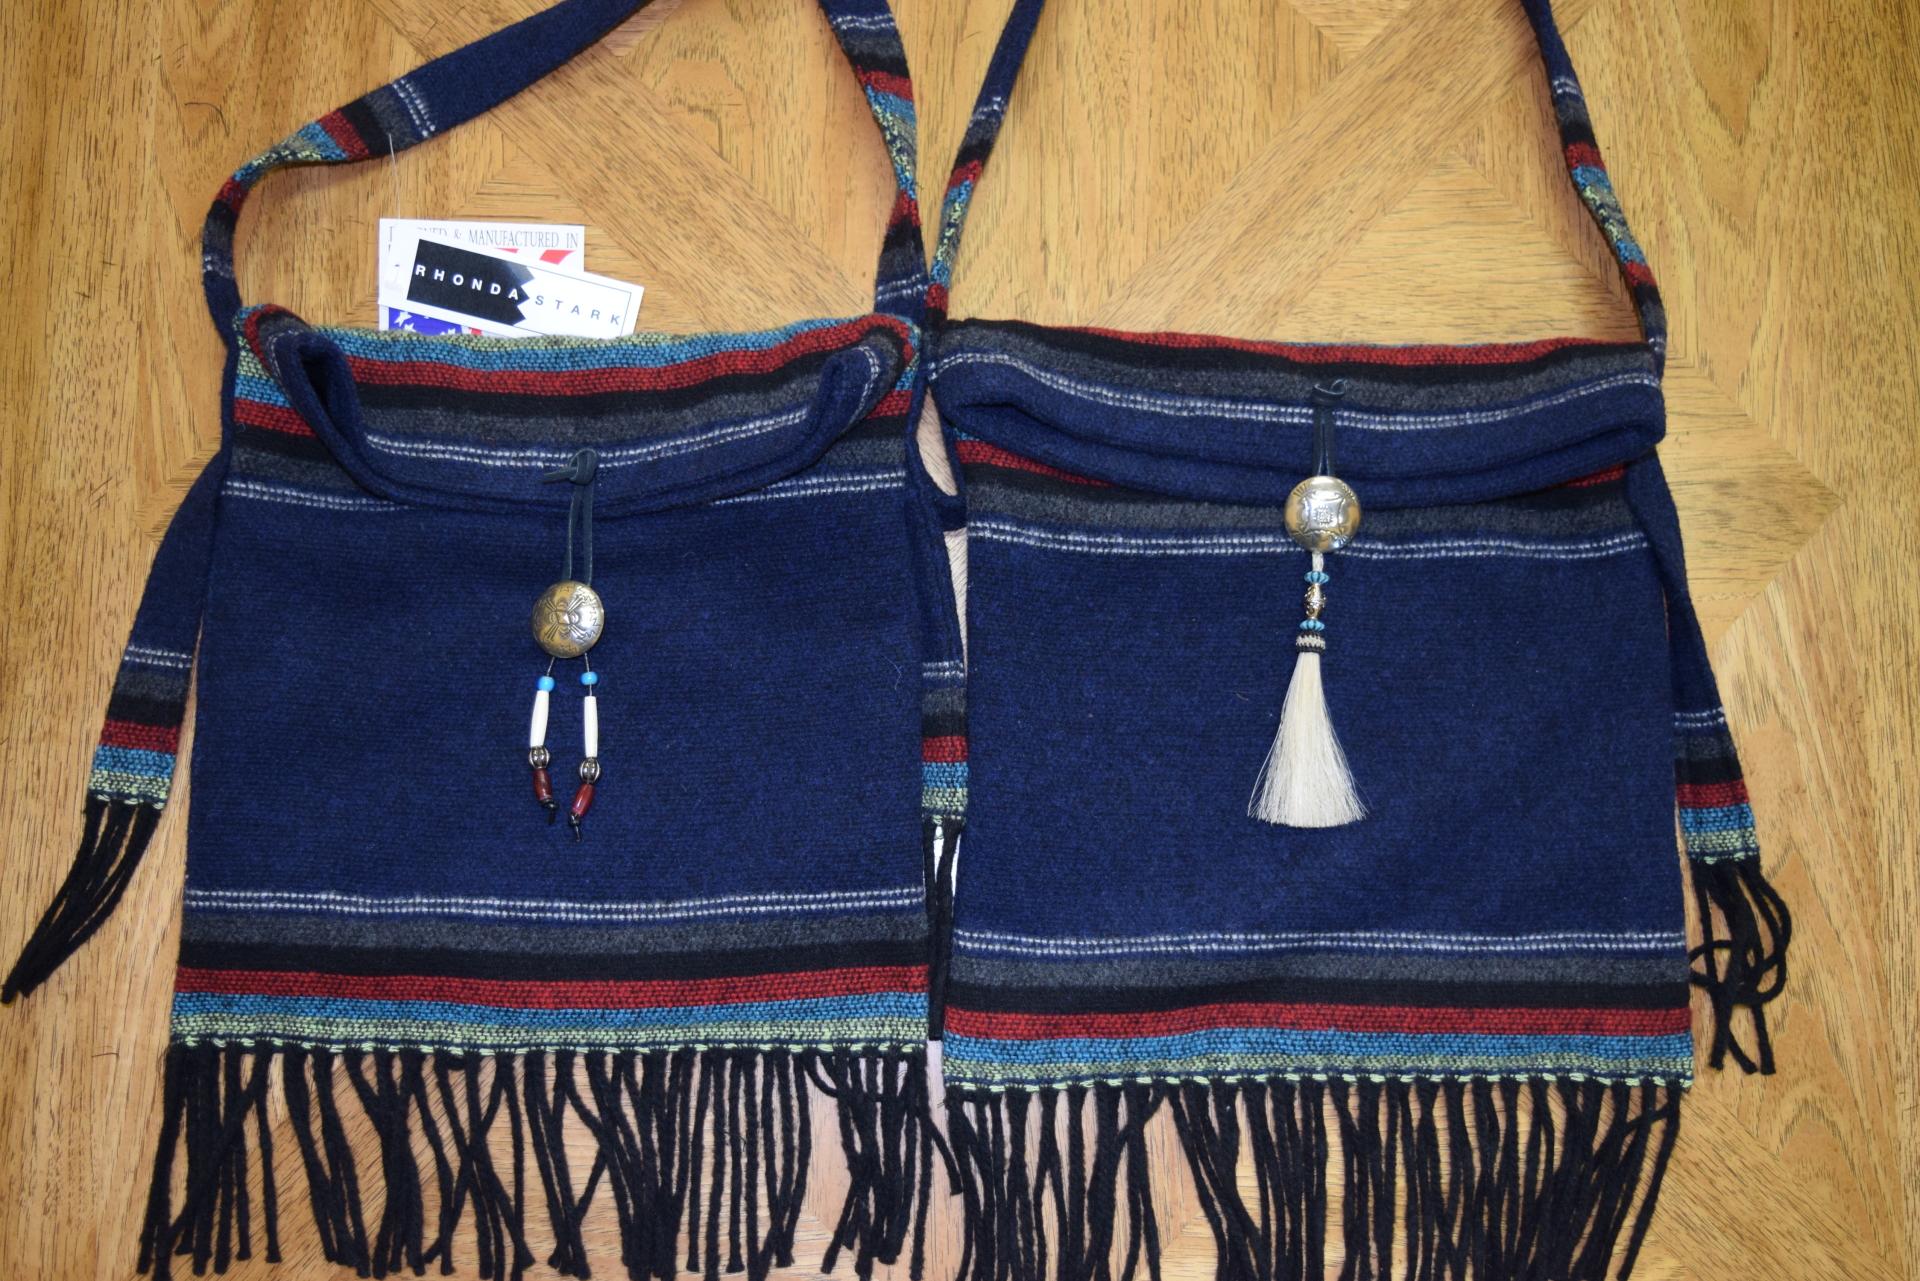 #B01PNF - NAVY PADRE FRINGE SHOULDER BAGS               A - B - $89.95